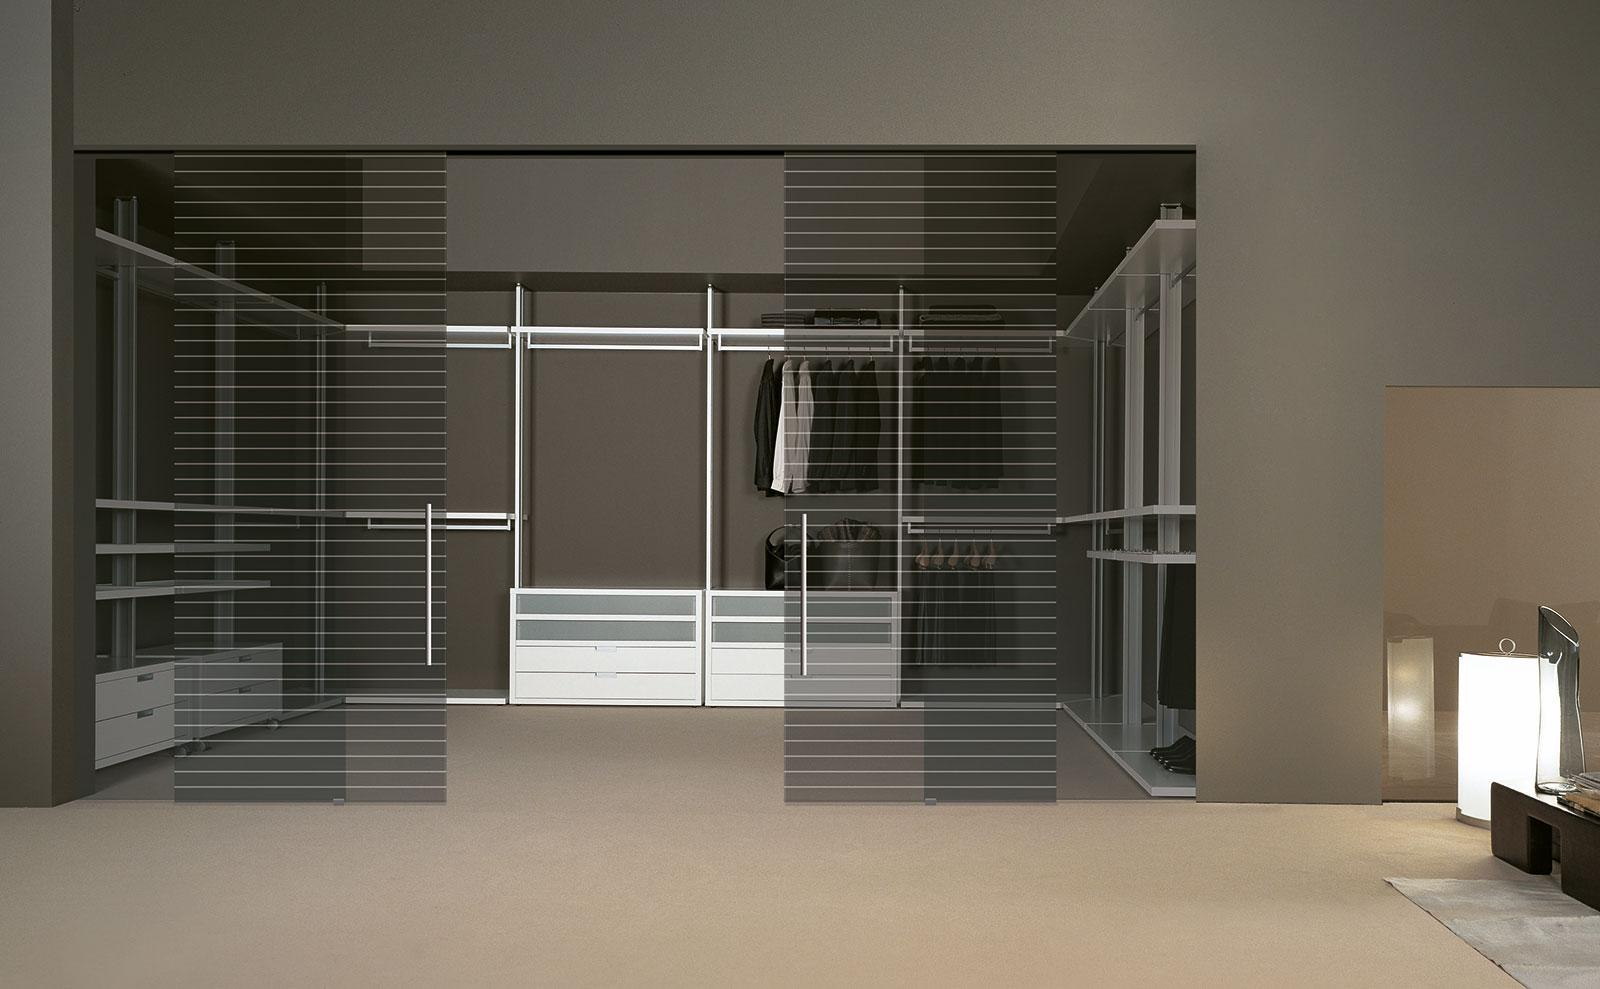 Cabina armadio su misura vesta henry glass - Porte scorrevoli per cabina armadio ...